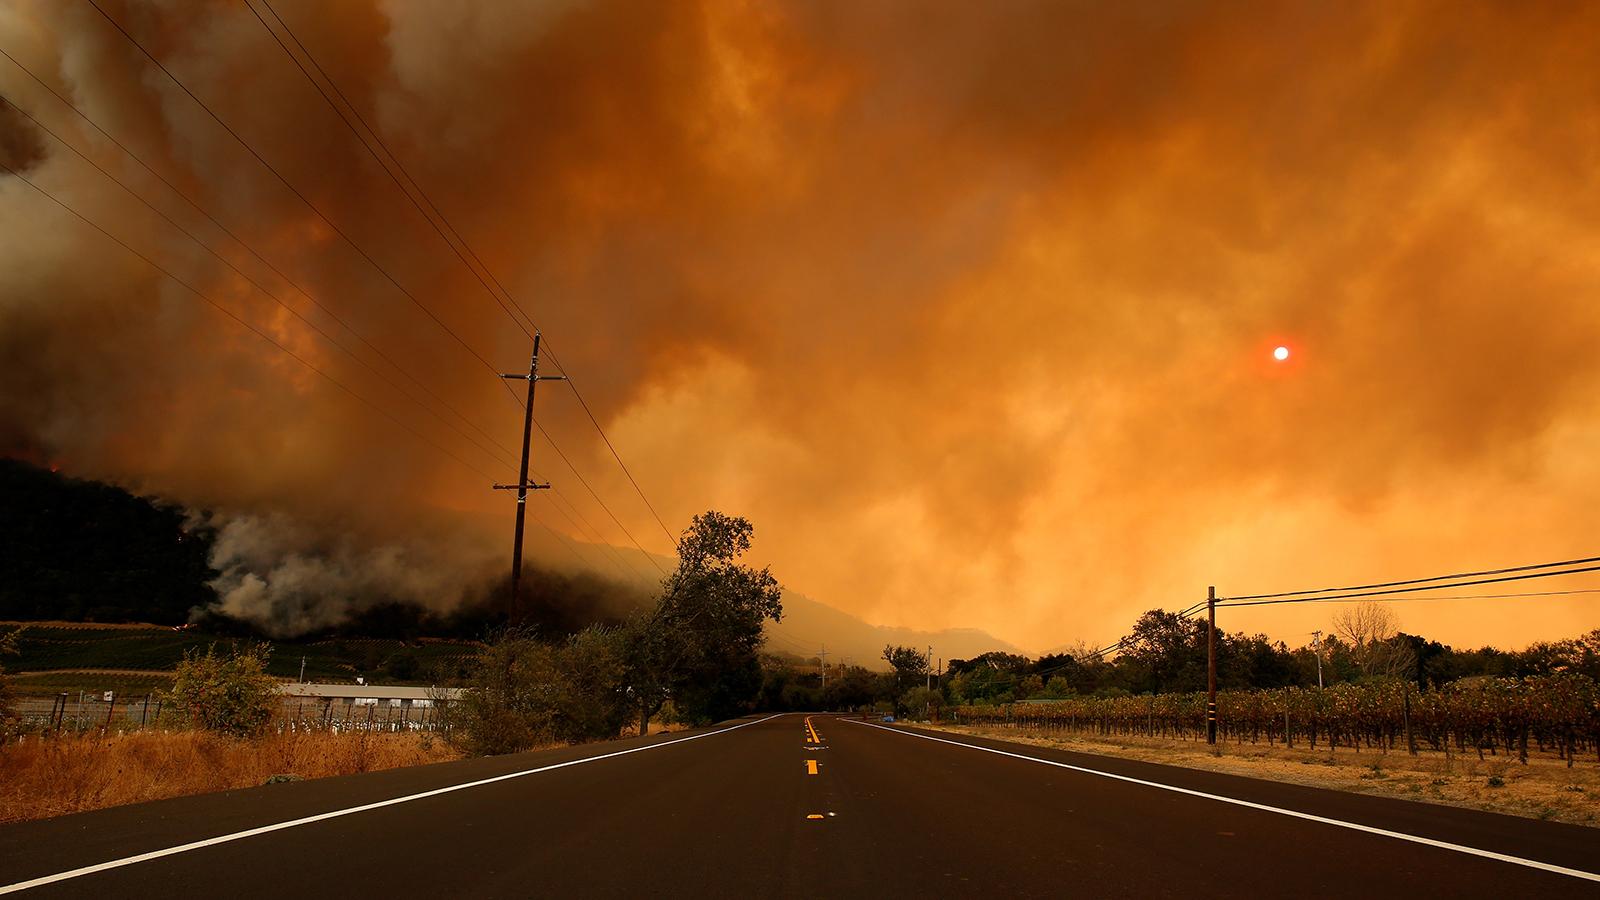 Western Wildfire Smoke Leads To Hazy East Coast Skies